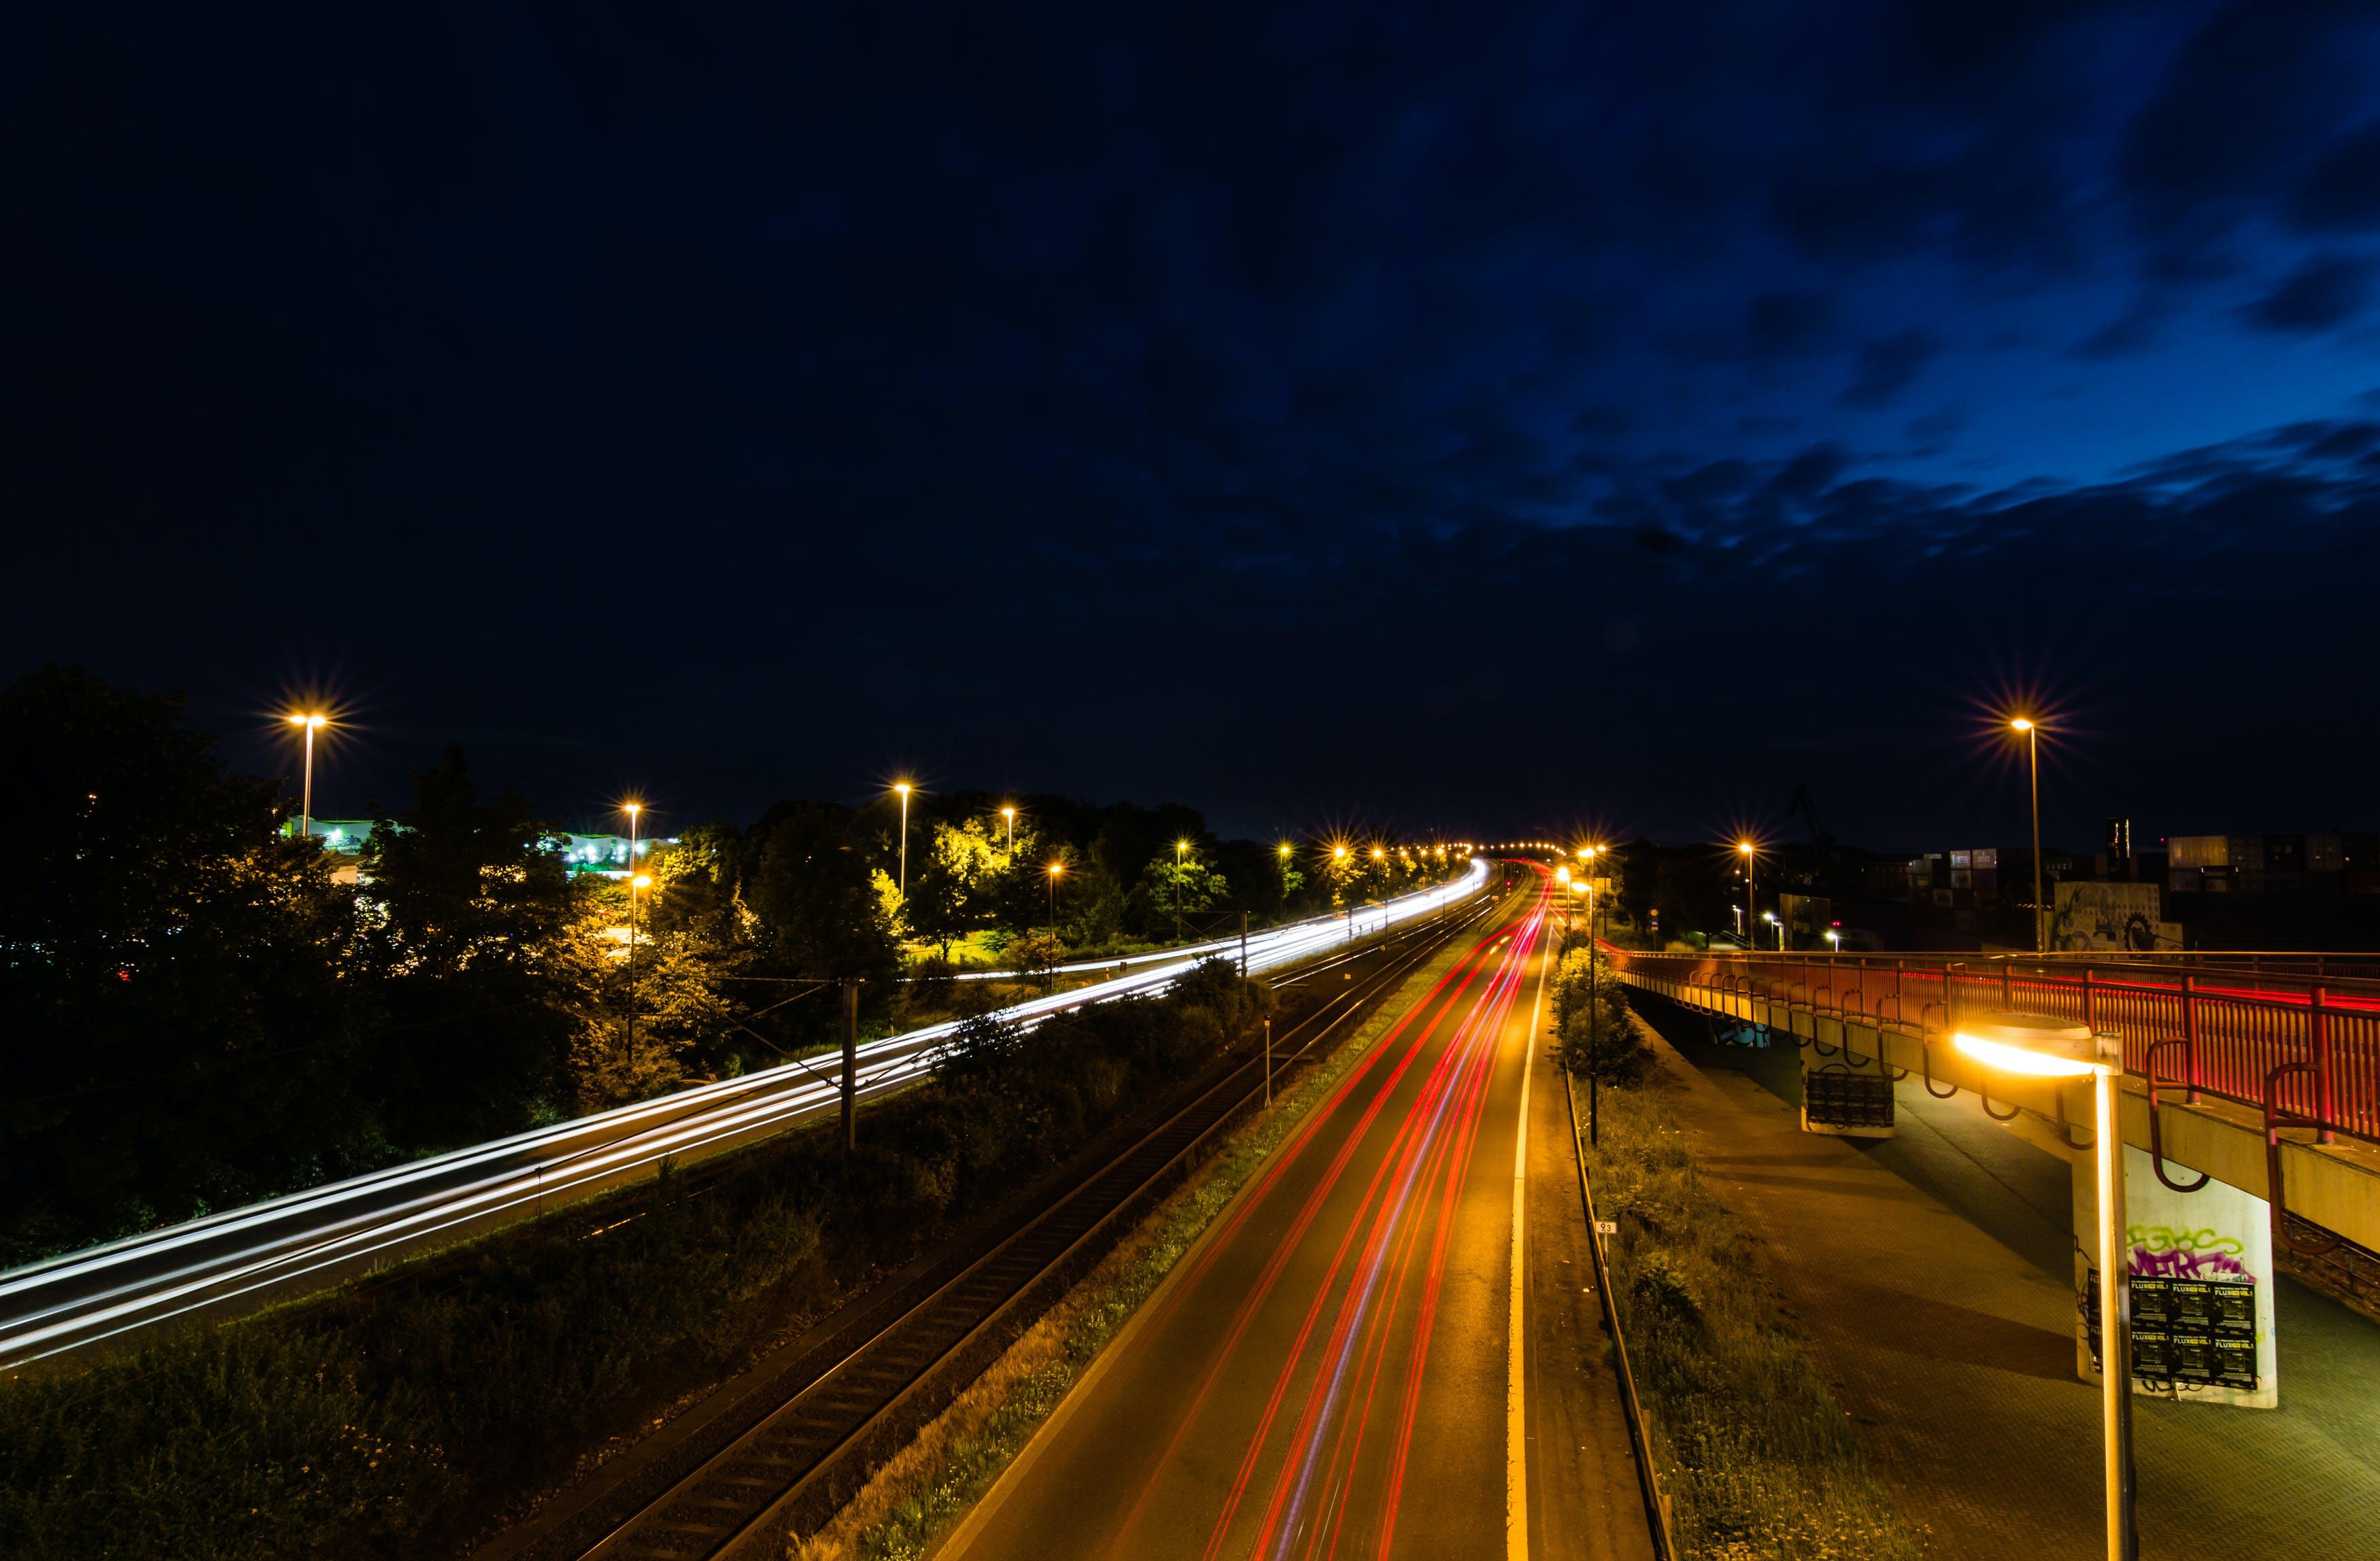 Безкоштовне стокове фото на тему «довга експозиція, дорога, Ліхтарі, ніч»